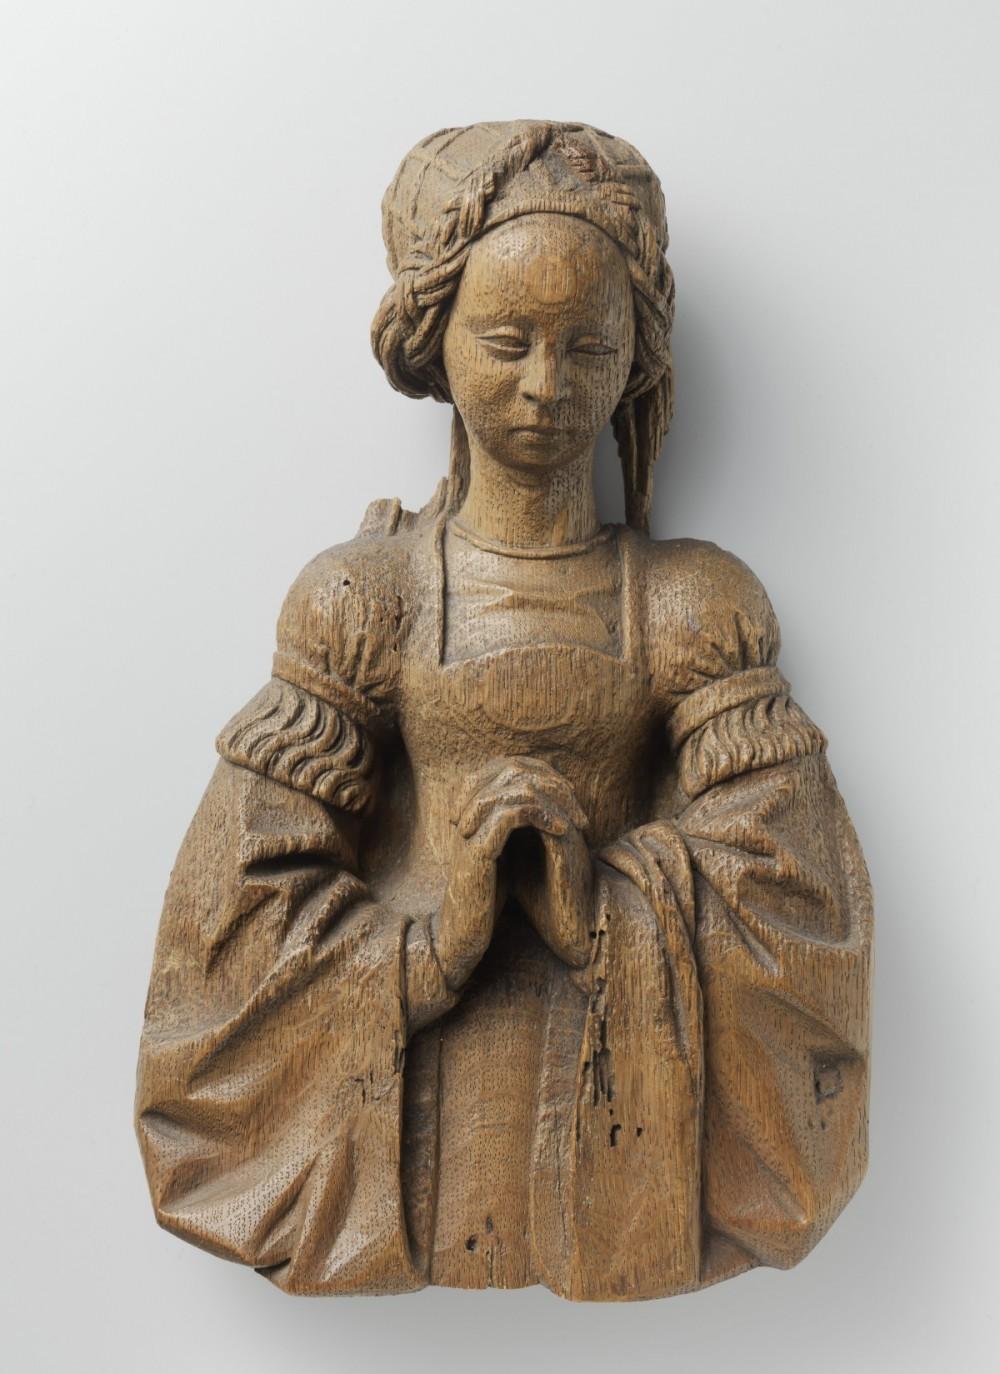 Gooisch Vrouwtje (Rijksmuseum)